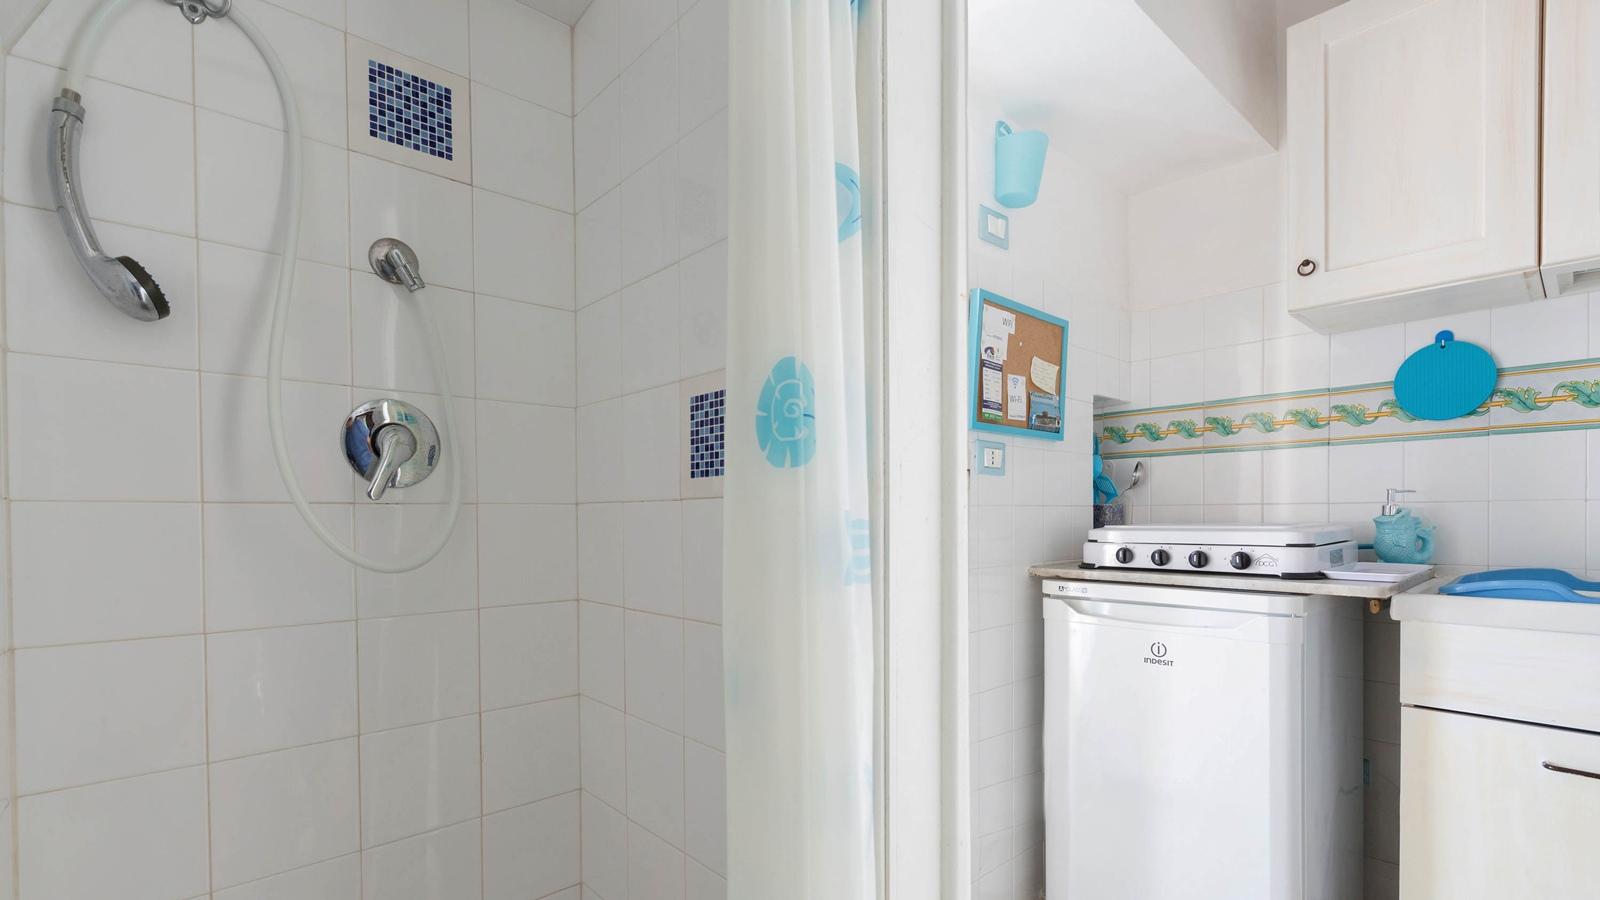 vacanze ostuni casa giovanna doccia